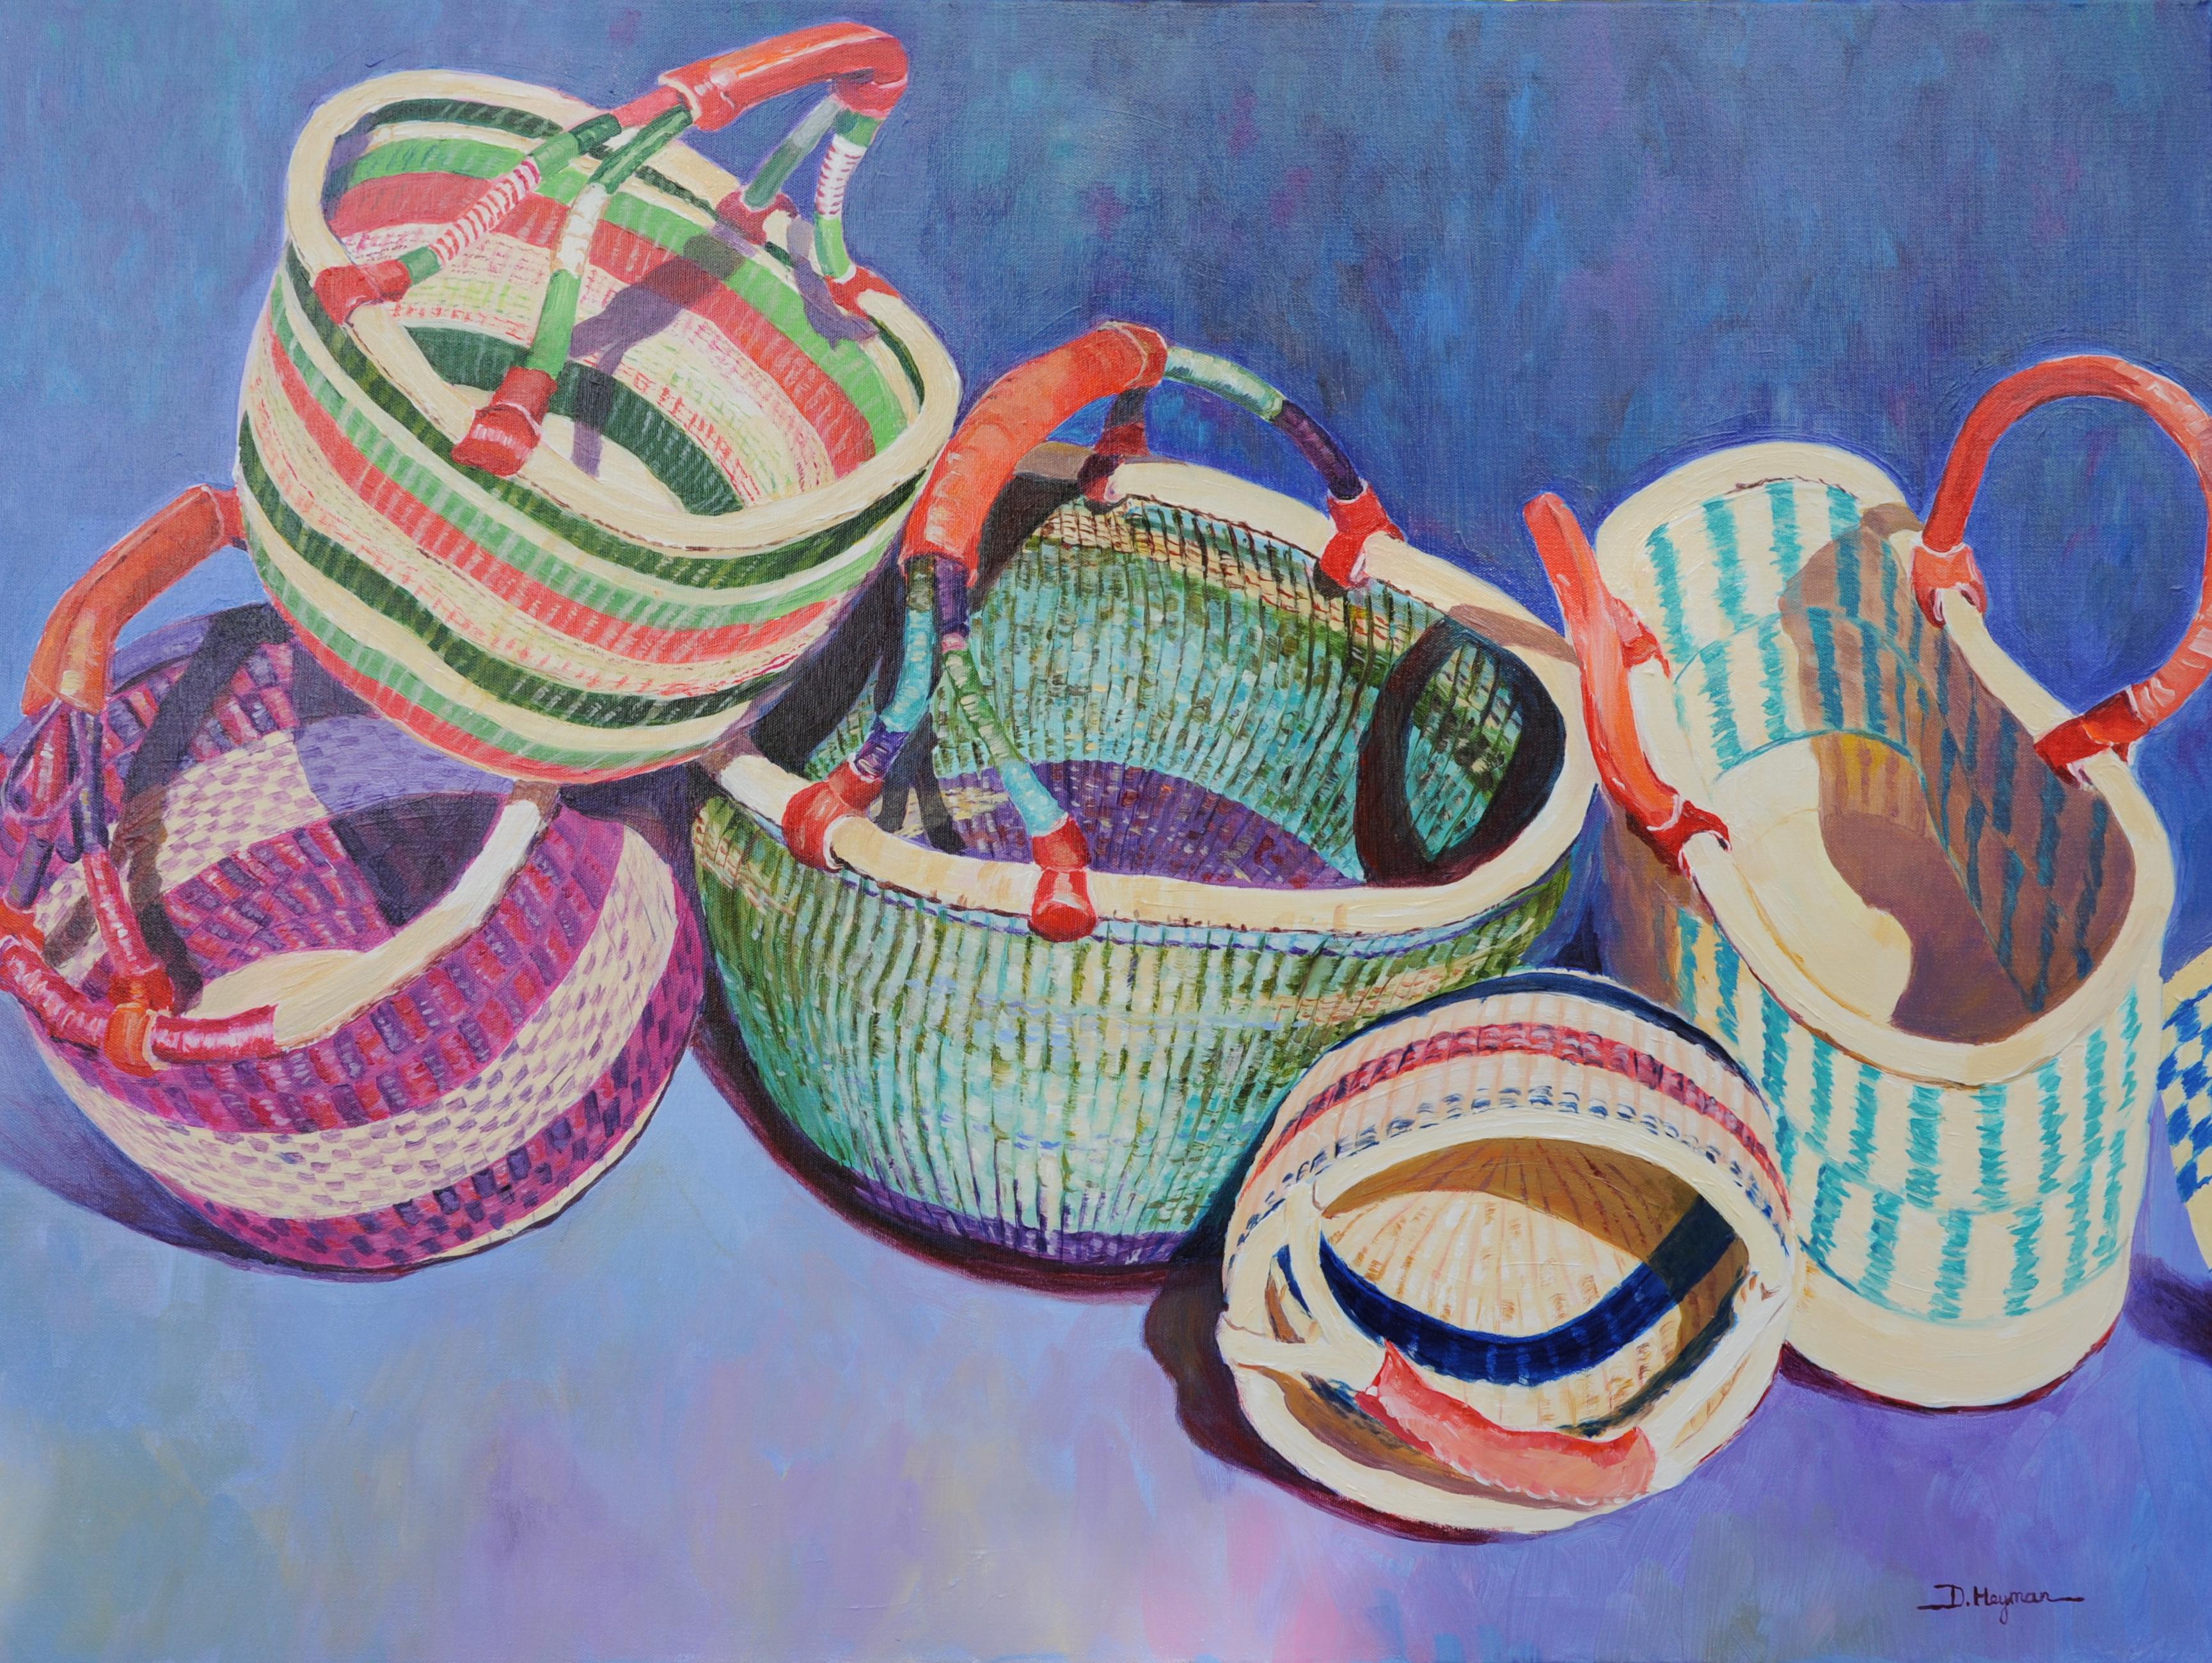 #2 - Baskets III